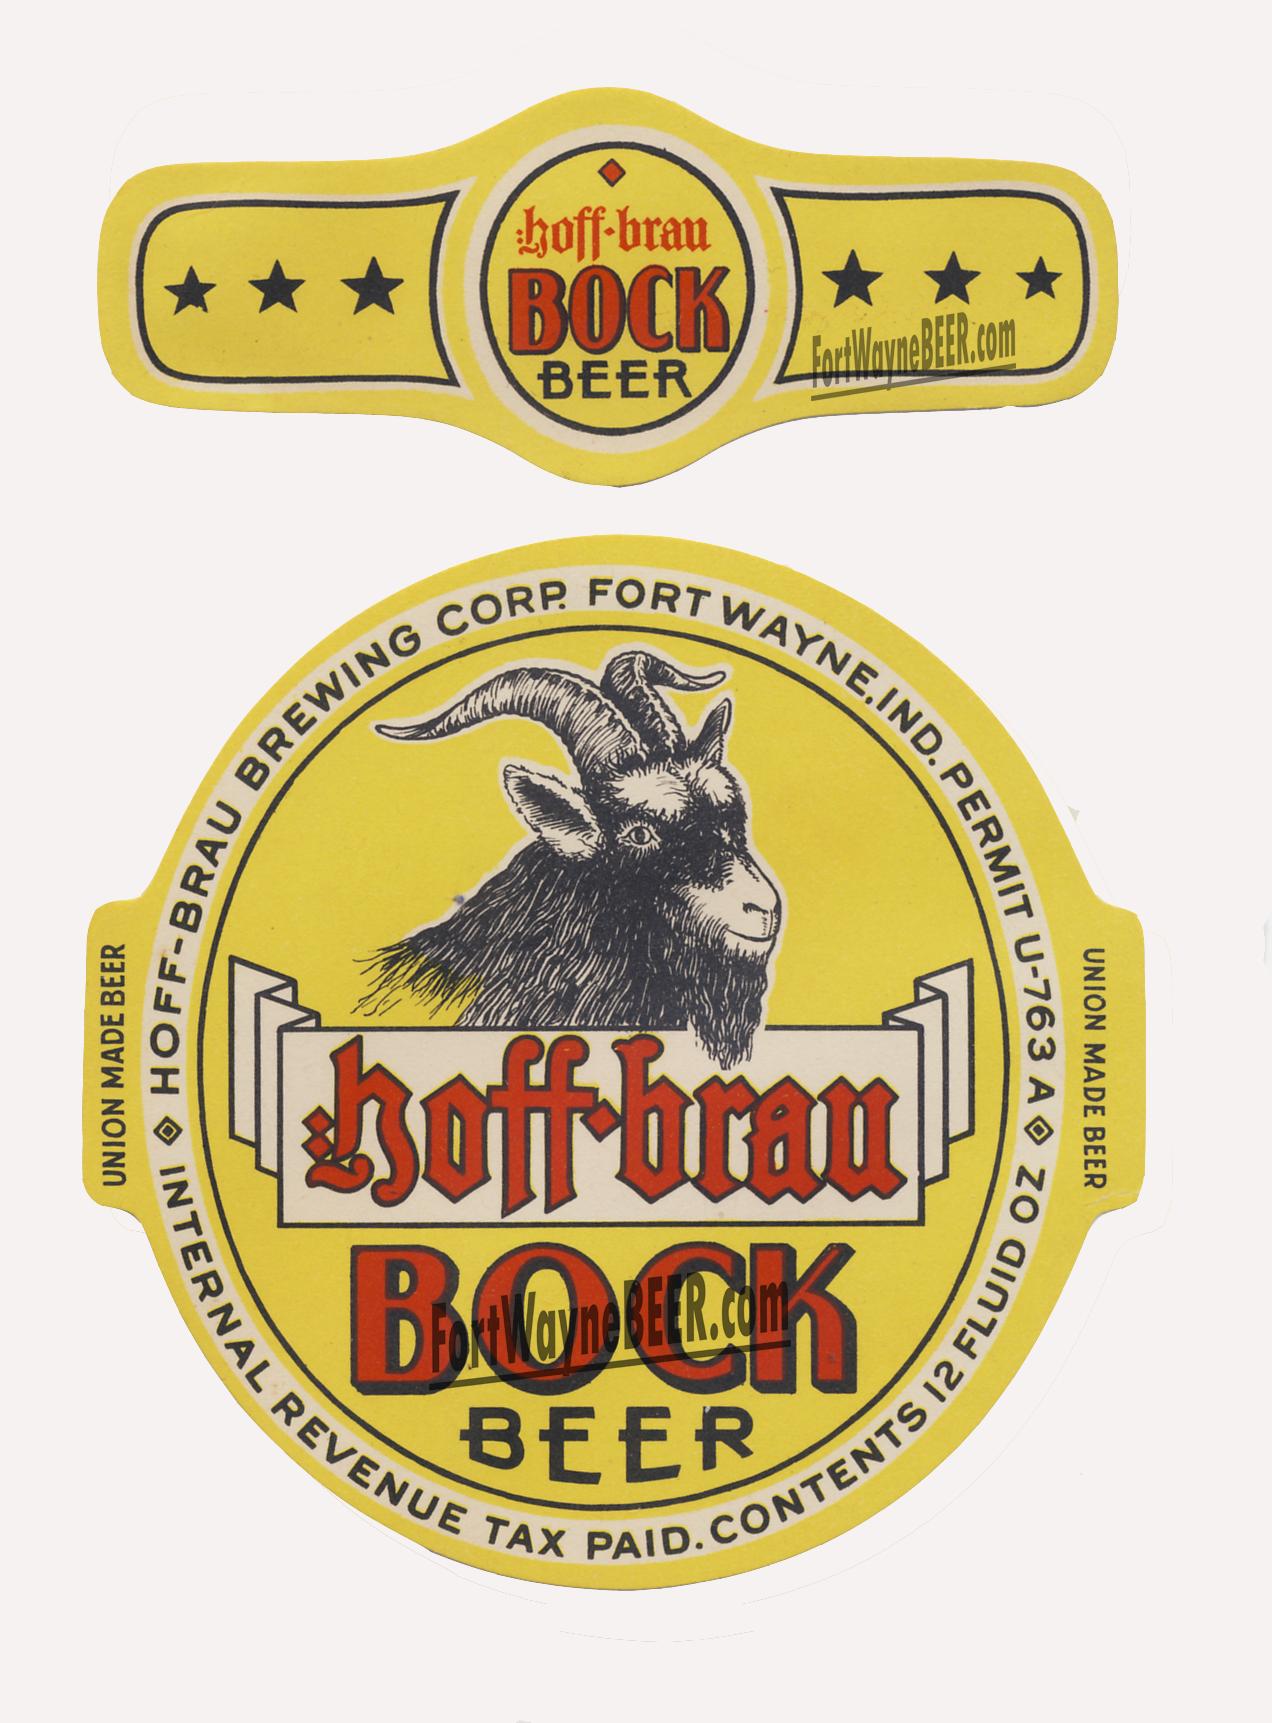 Hoff-Brau Bock label 1 copy.png